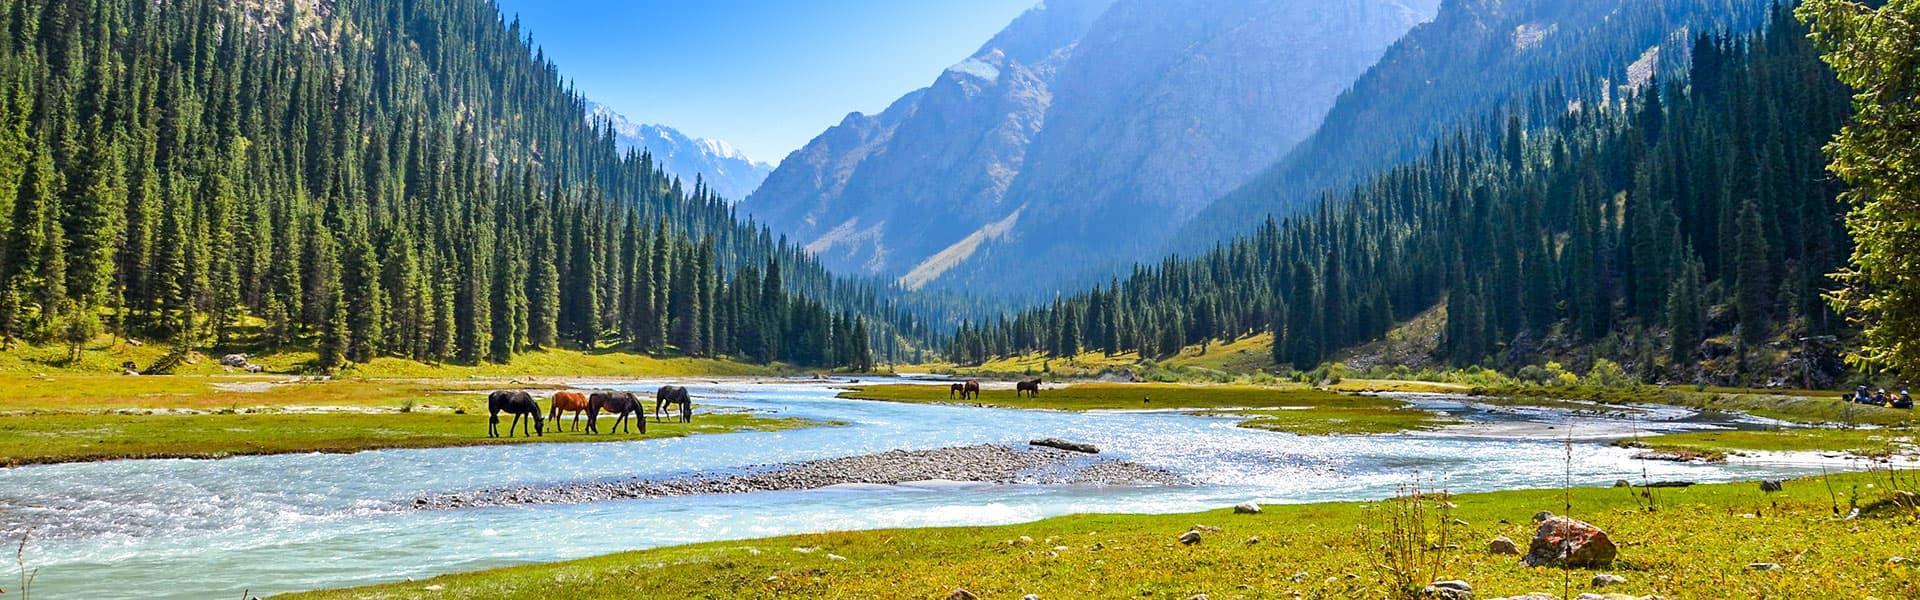 Mount Tianshan, Kyrgyzstan